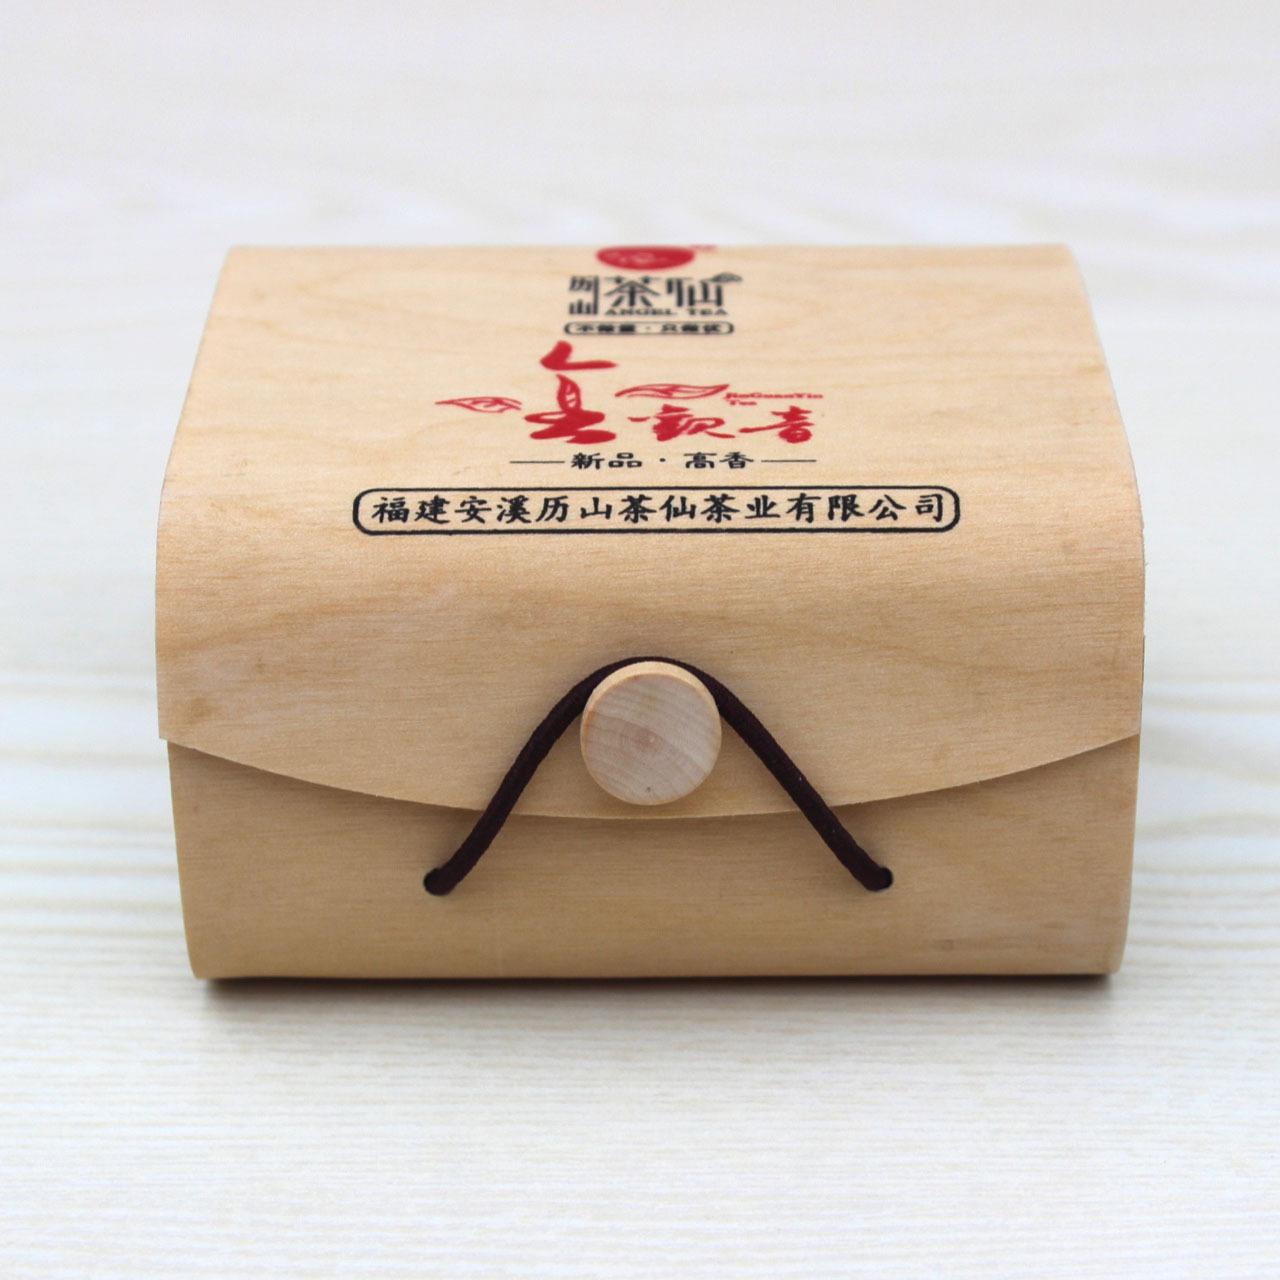 高档松木树皮盒 木制工艺品茶叶盒 精品木盒定制LOGO